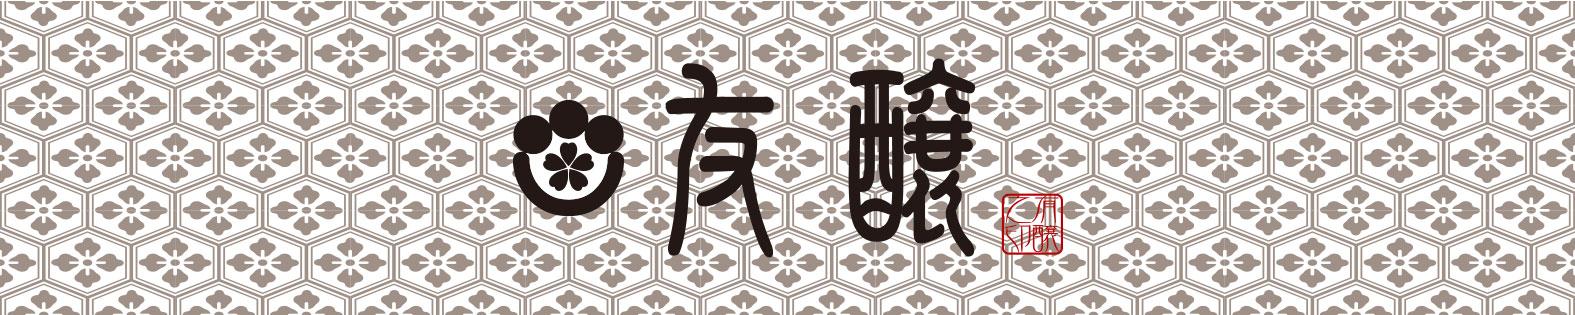 【日本酒】 金滴吟風 山廃仕込純米 無濾過生原酒 吟風65 限定 新酒25BY_e0173738_1054451.jpg